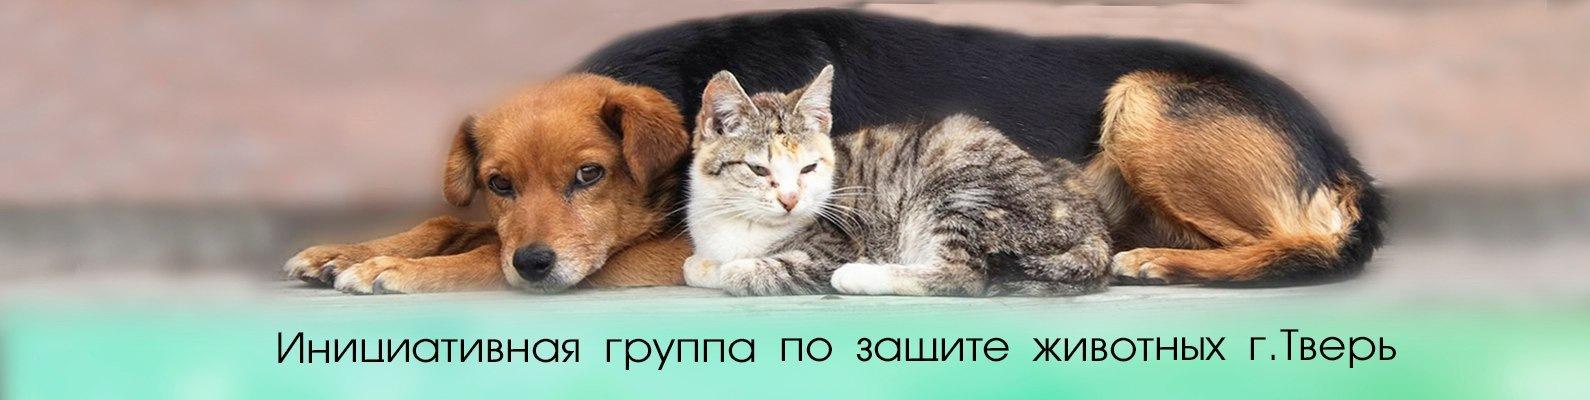 Инициативная группа по защите животных г. Тверь  8b43dc35a3212